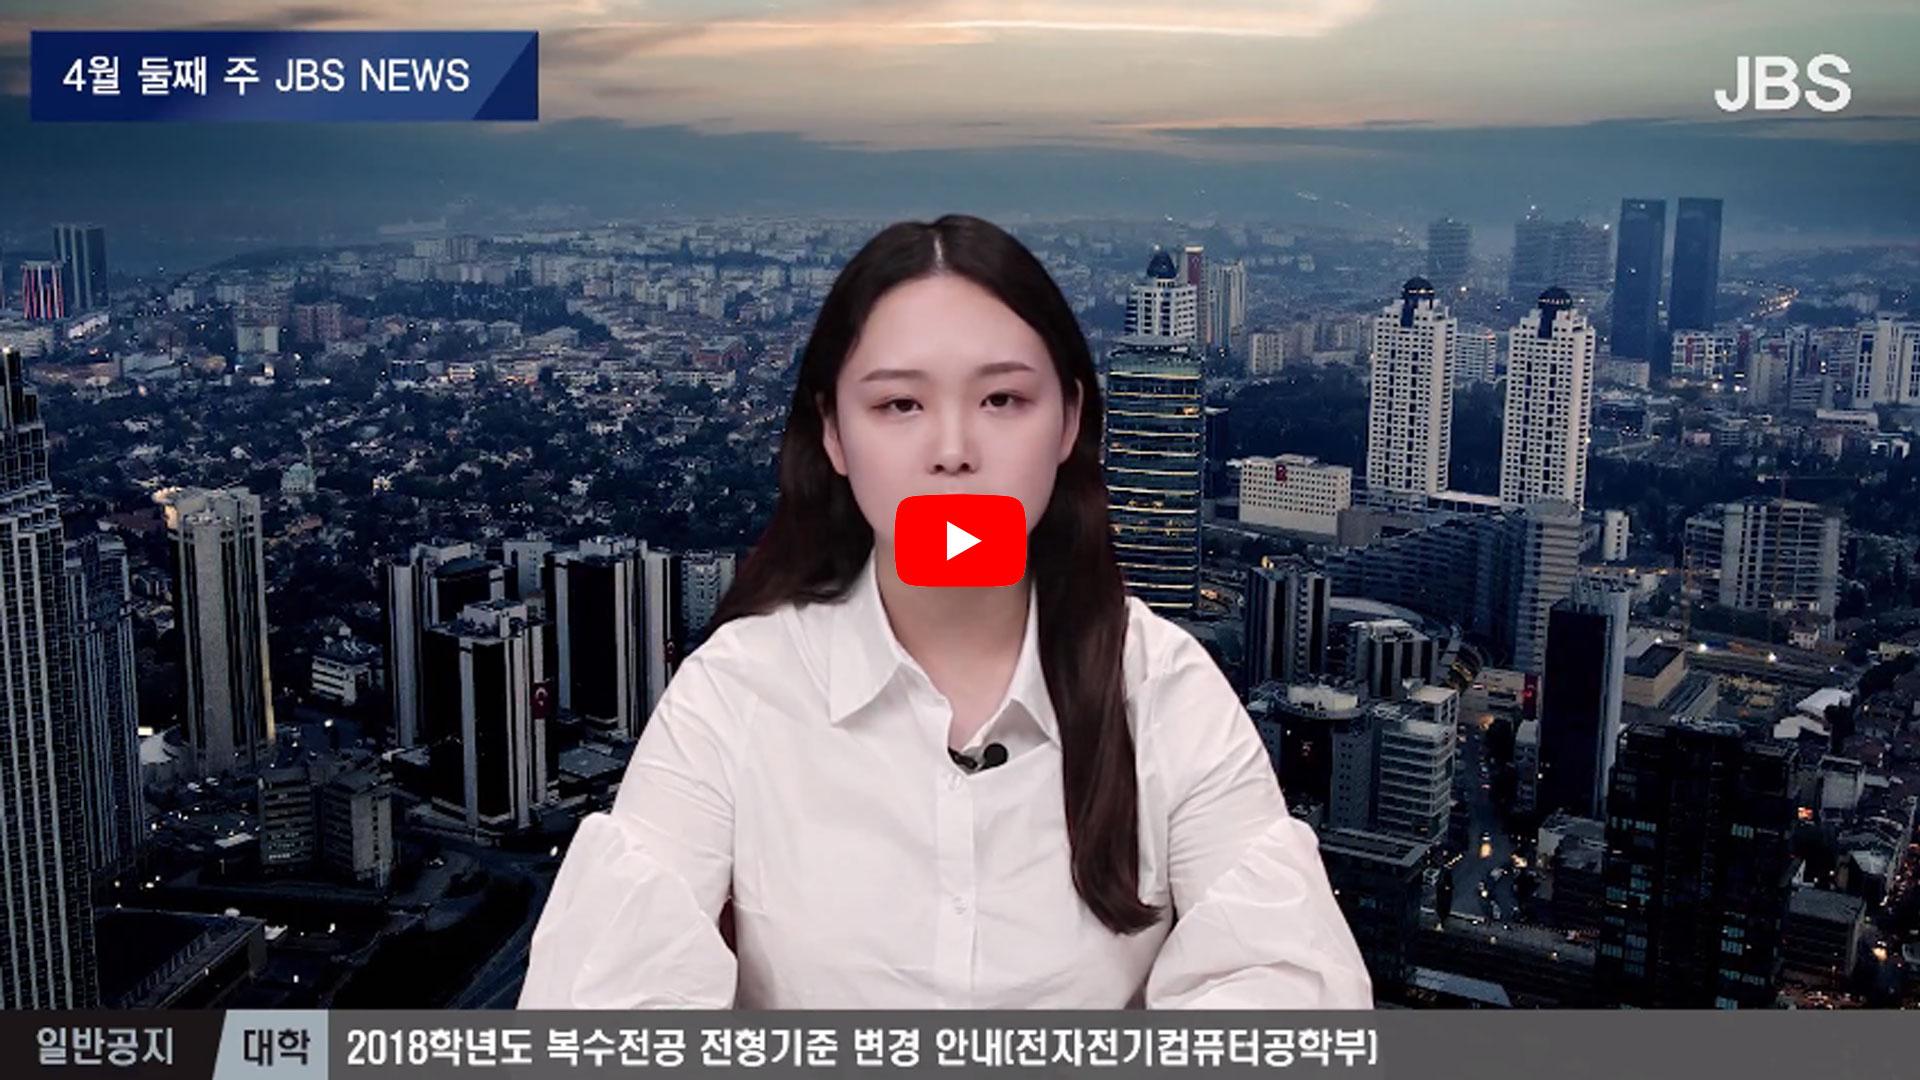 [교내뉴스] 2018년 4월 둘째 주(3화)